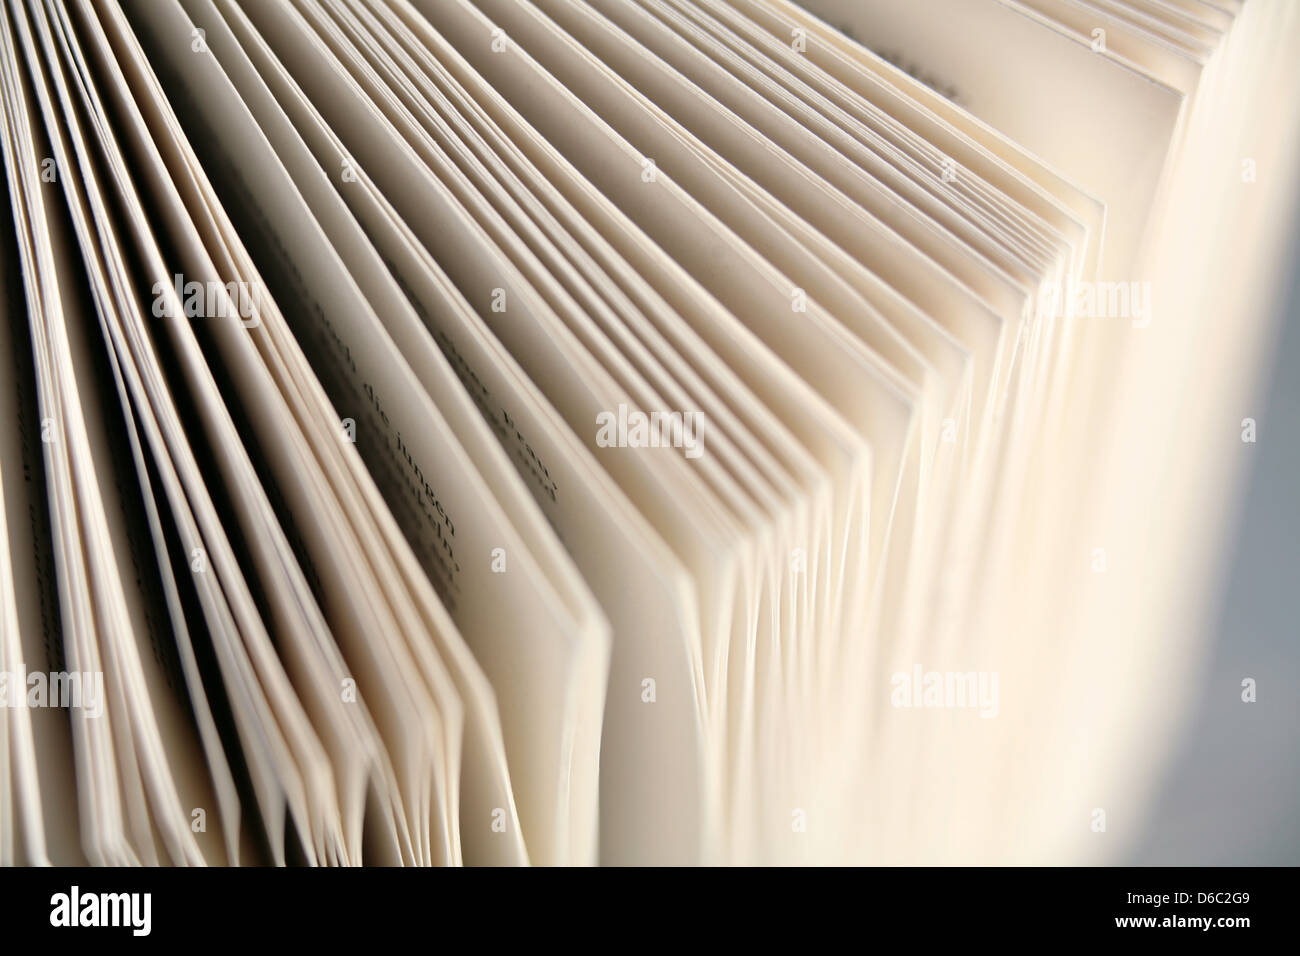 Buch, Buchseite Stockbild